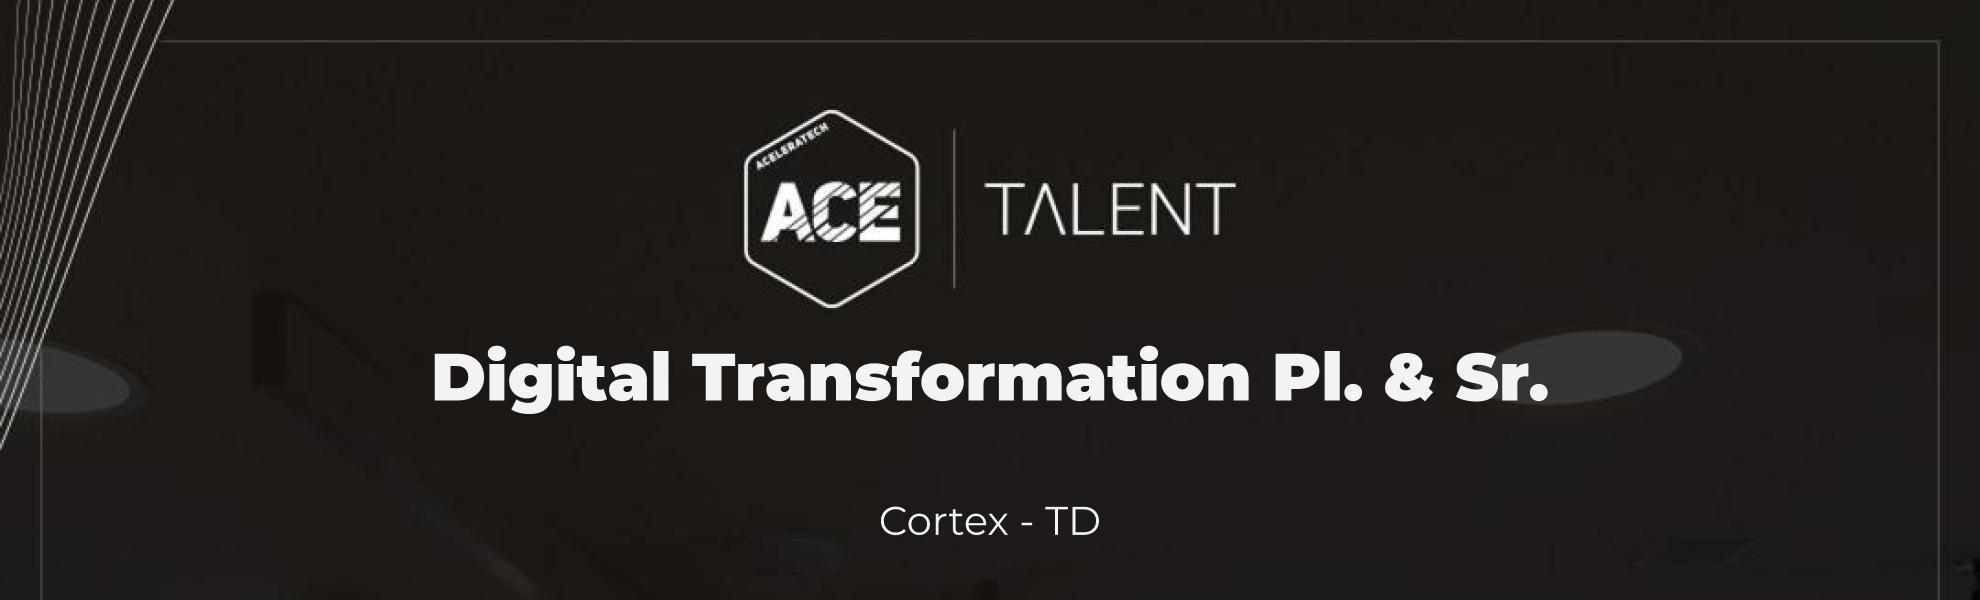 Digital Transformation Pl. & Sr.